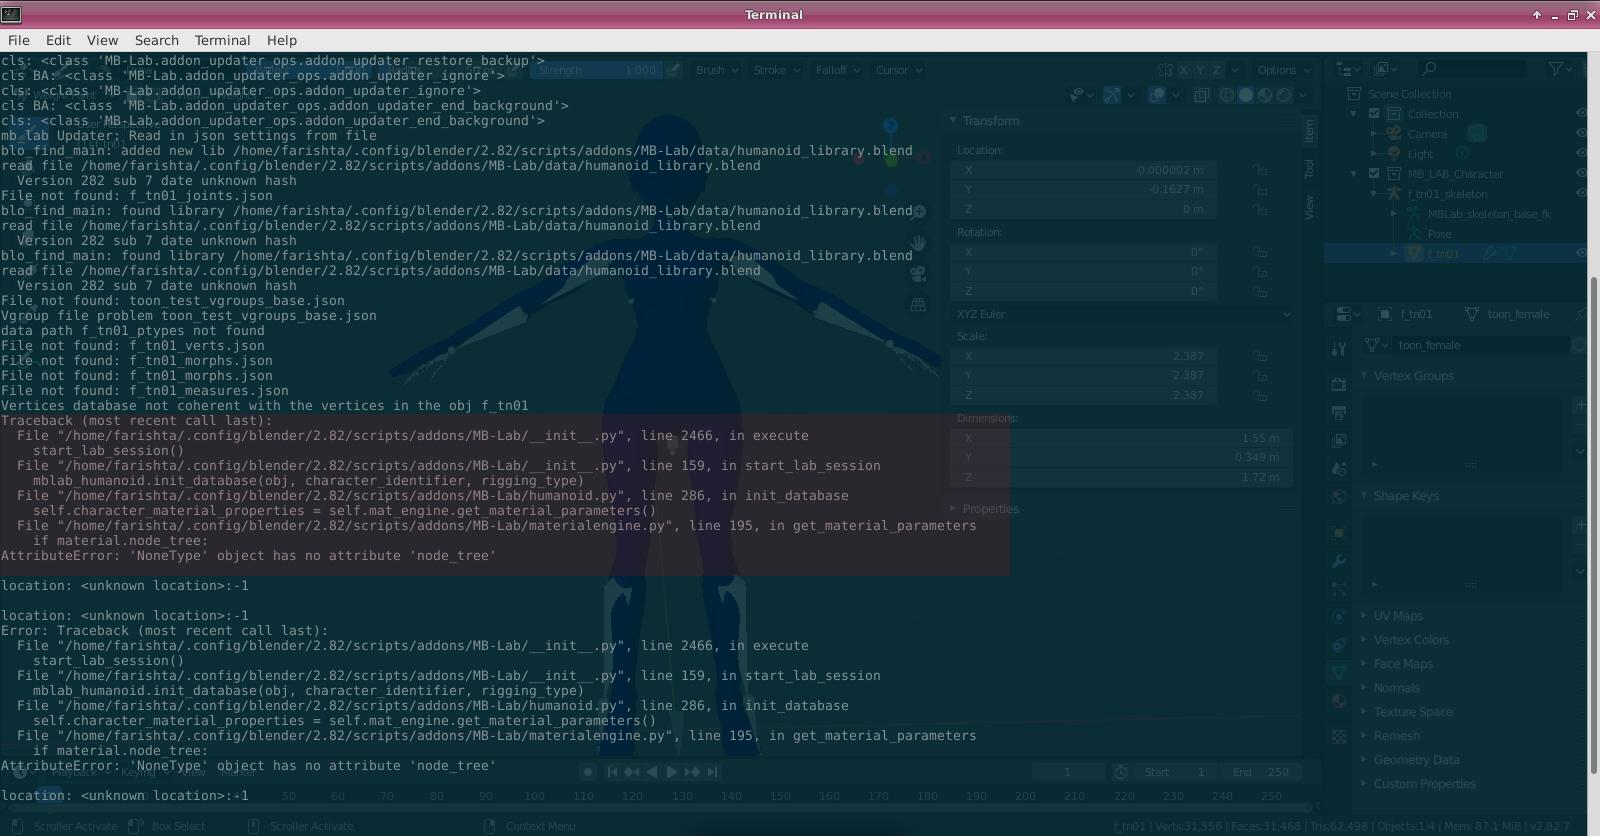 Screenshot from 2020-07-05 10-21-06_nodetree